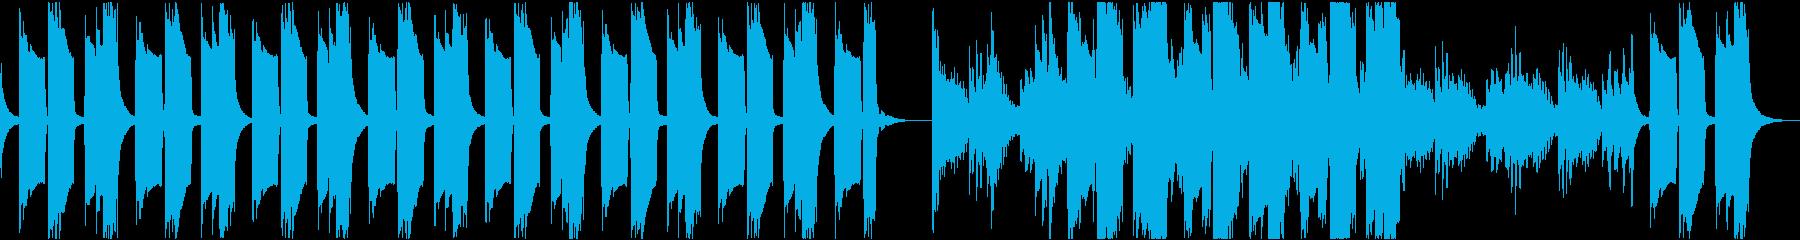 独特なリズムで不気味なメロディーの再生済みの波形